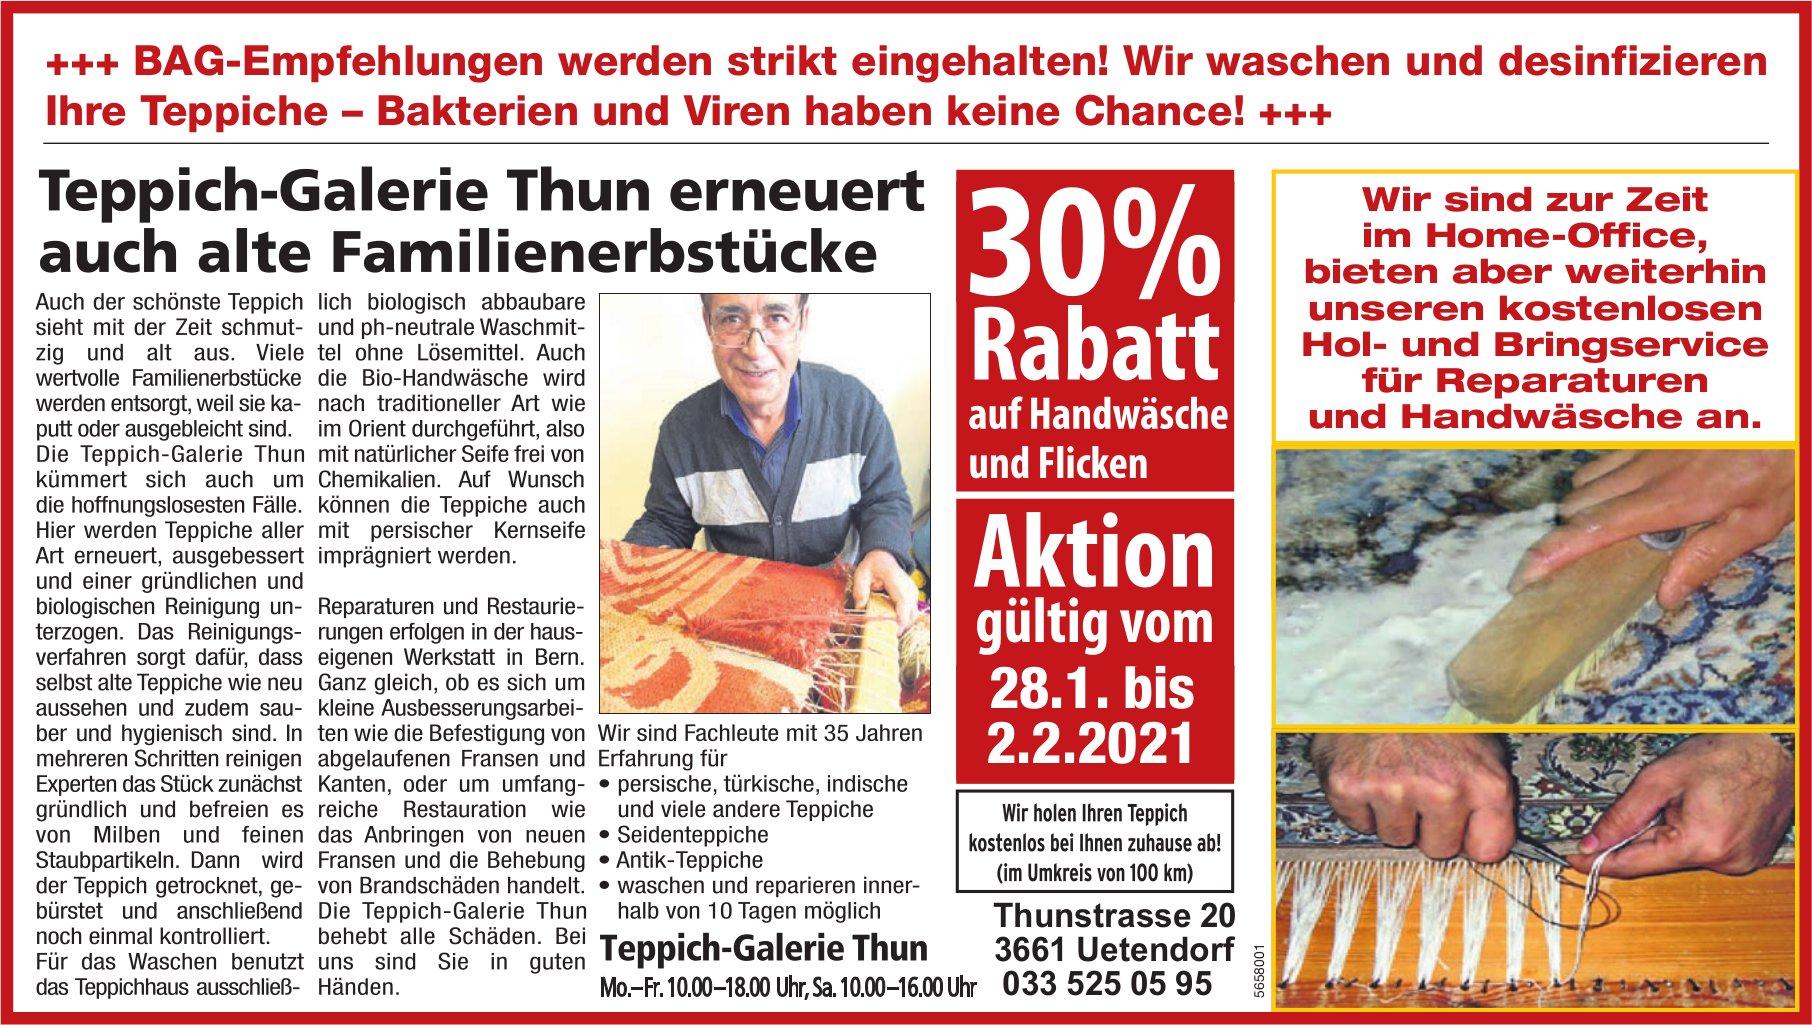 Teppich-Galerie Thun - 30% Rabatt auf Handwäsche und Flicken bis 2. Februar, Uetendorf